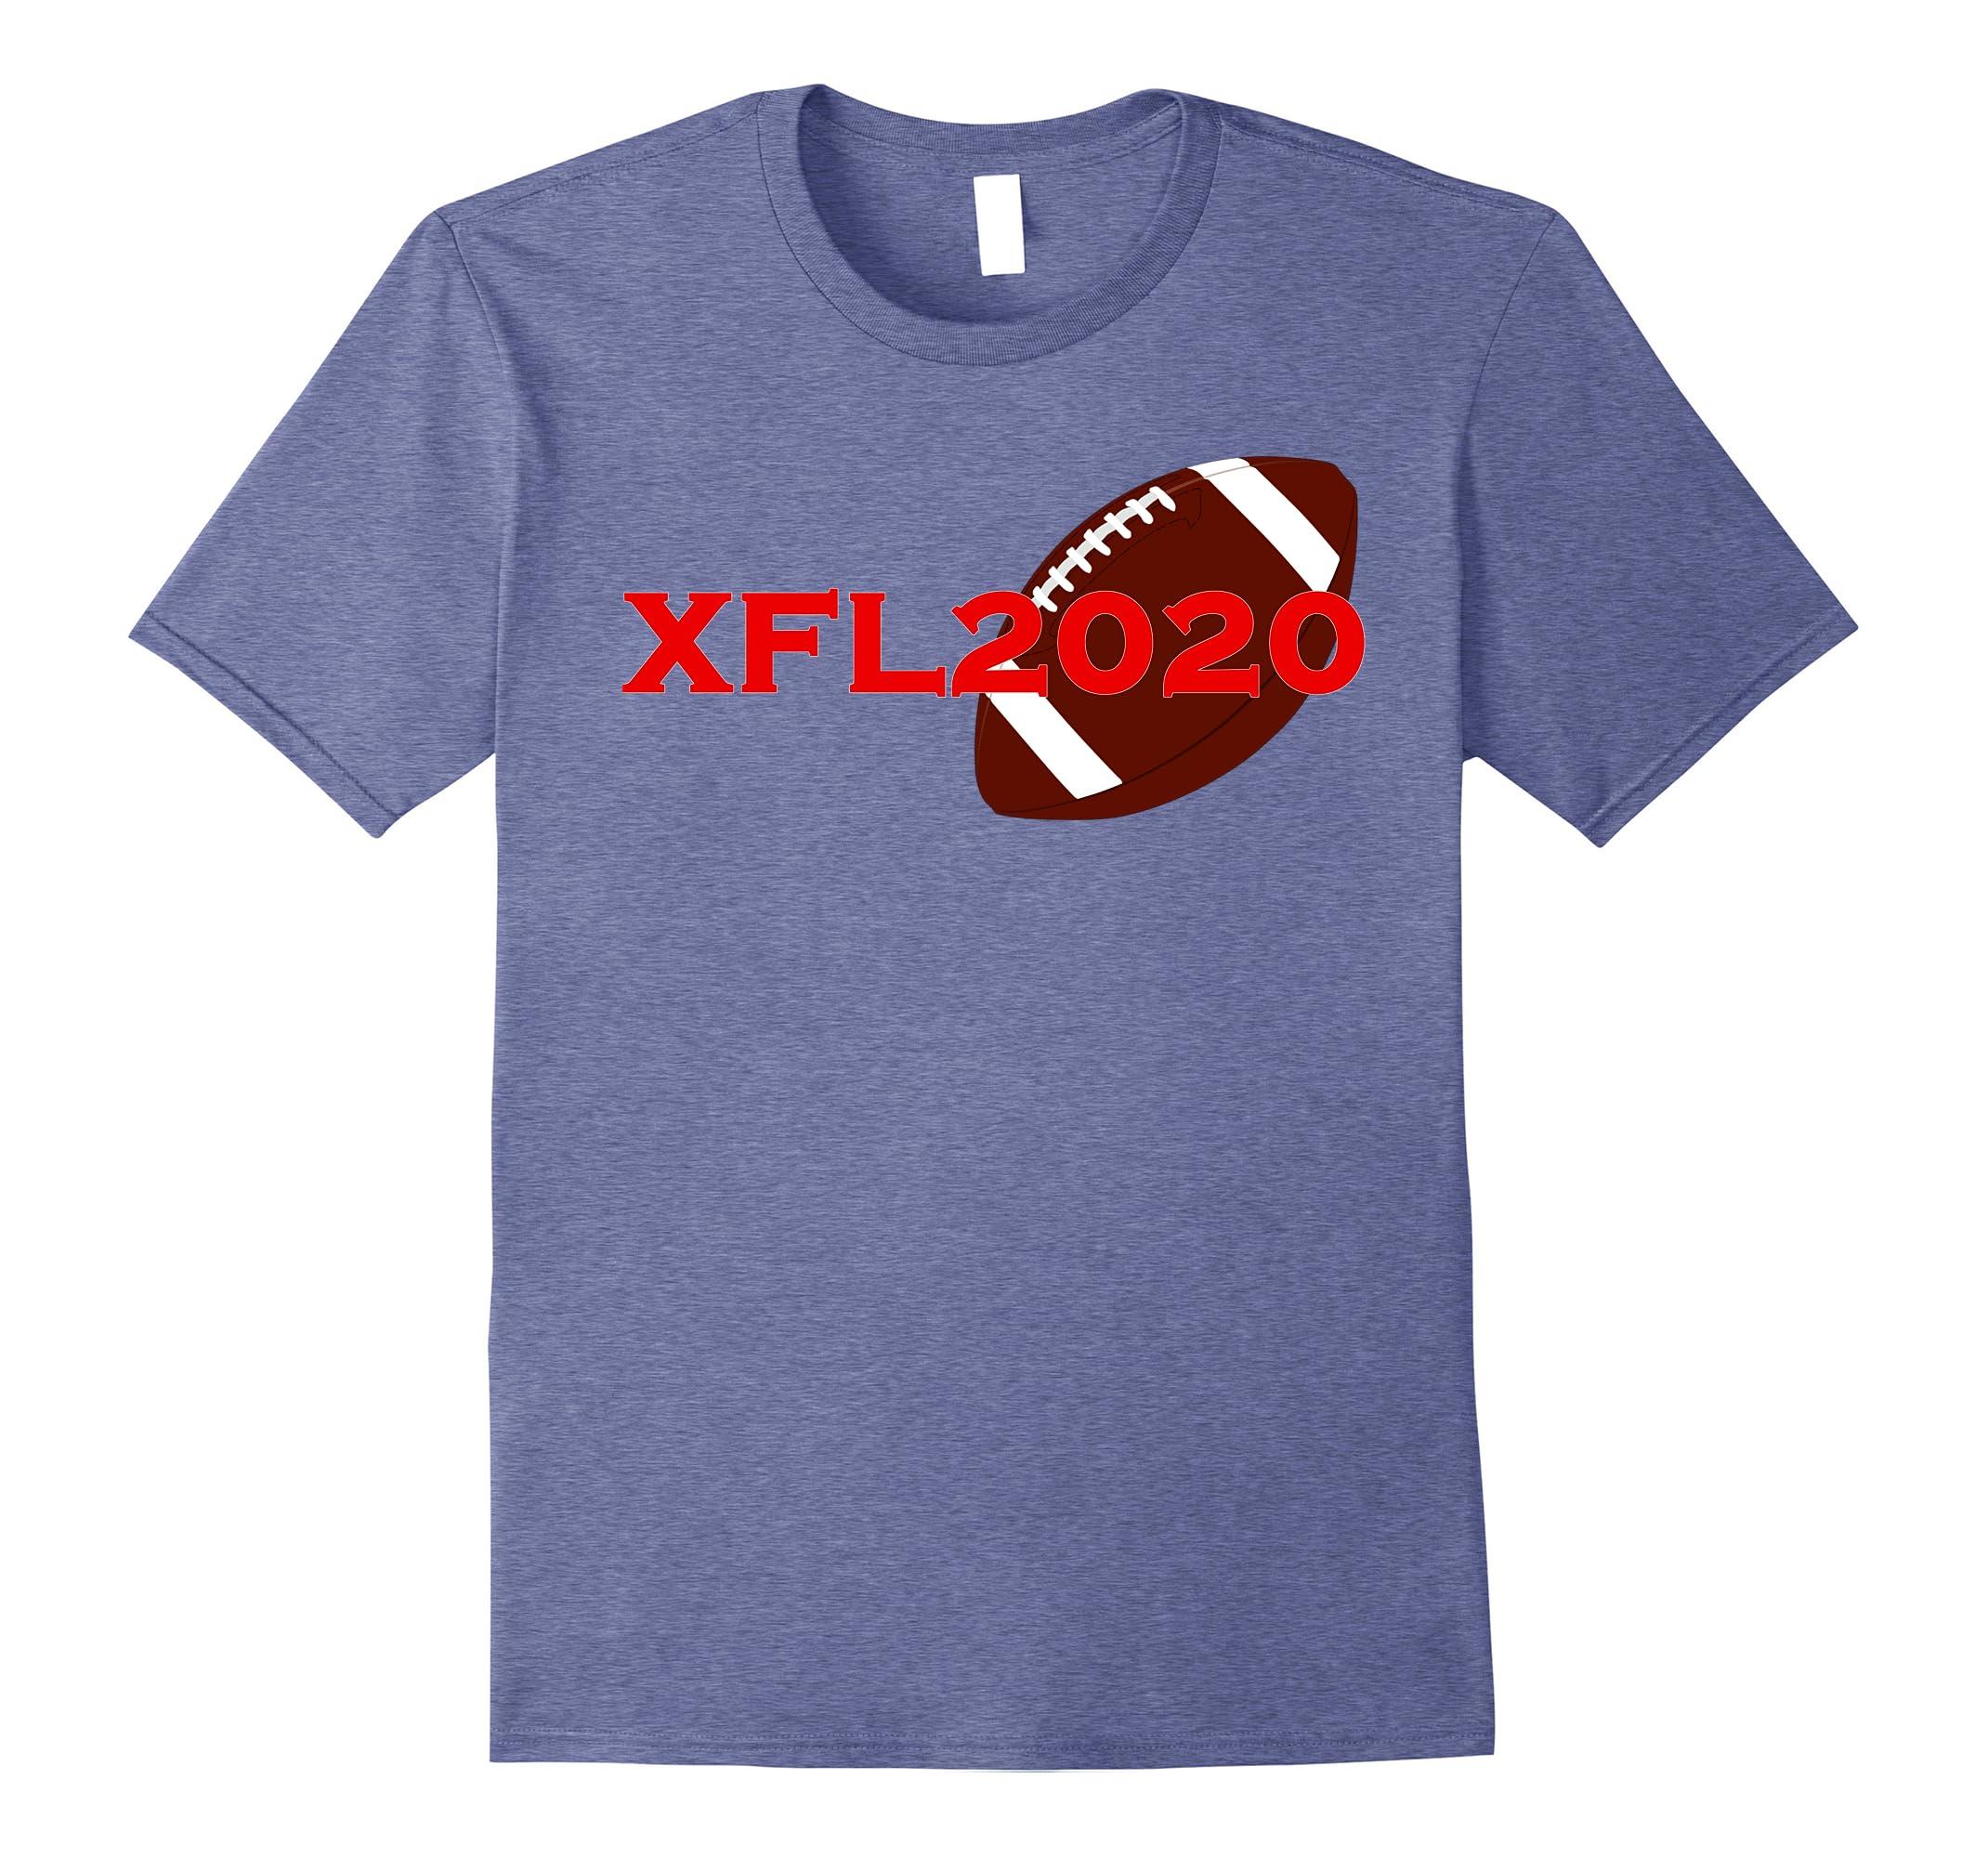 XFL2020 American Football Tshirt-RT